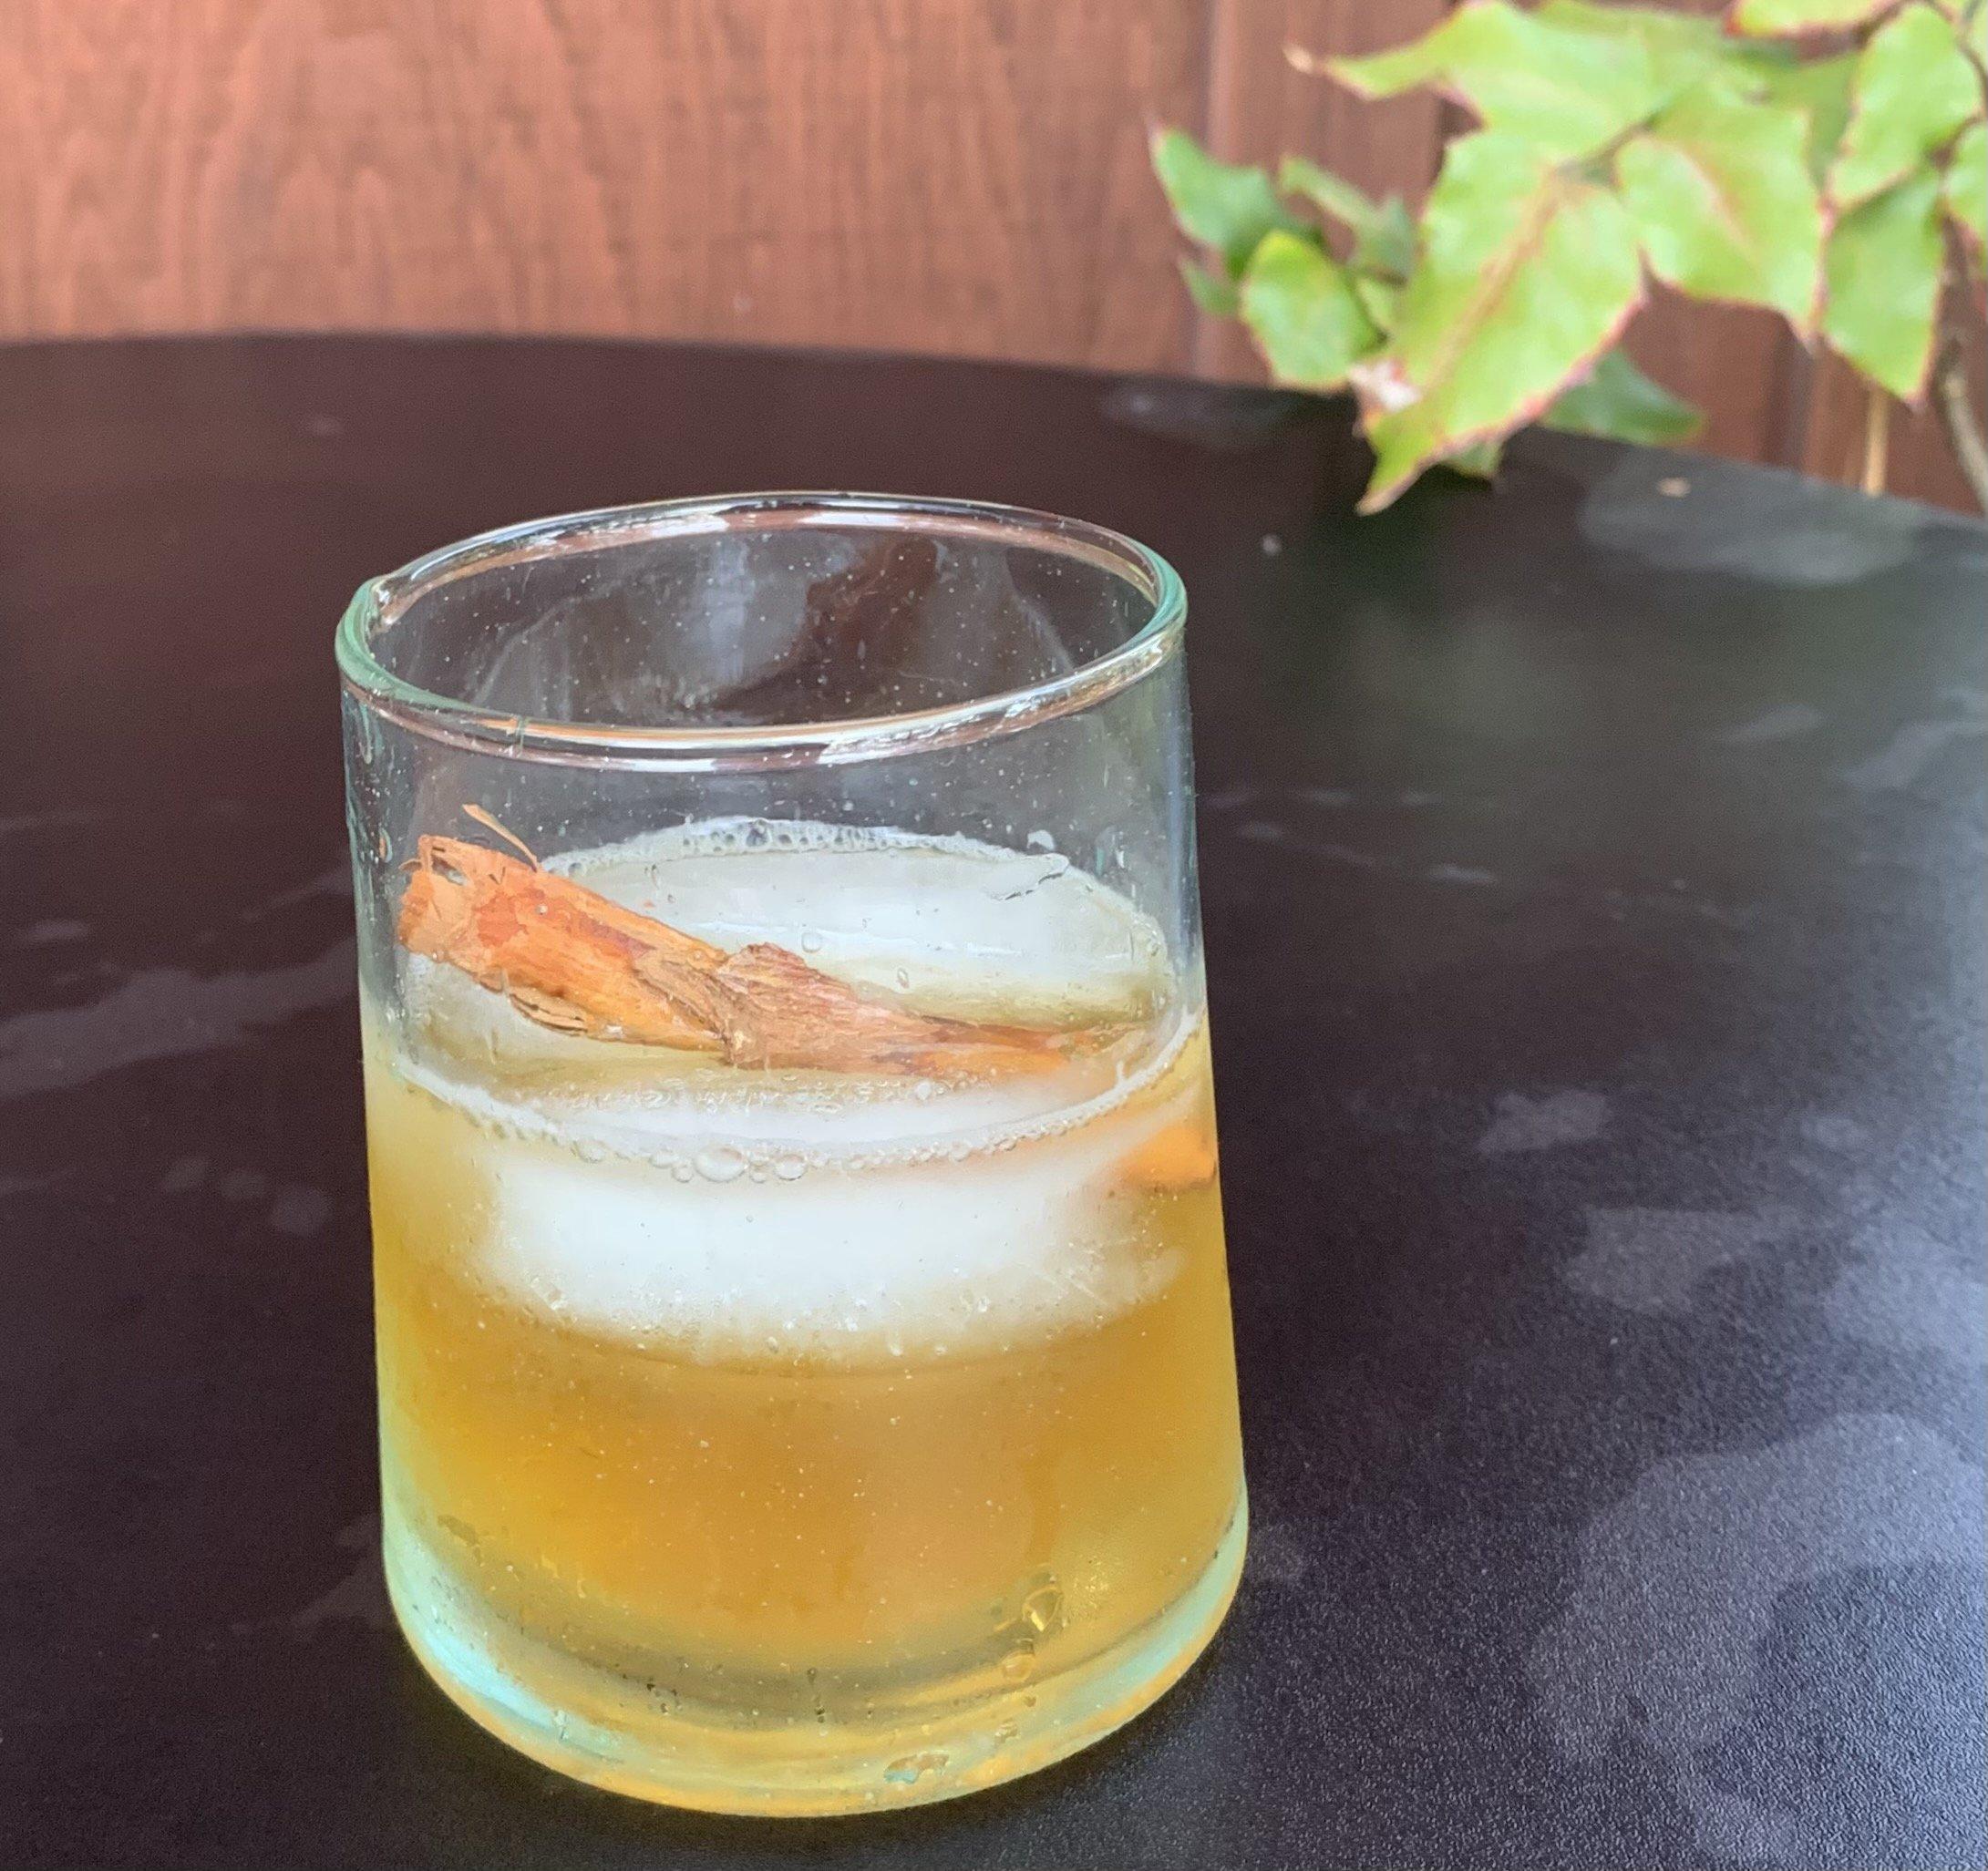 Sri Lanka Cinnamon Tea